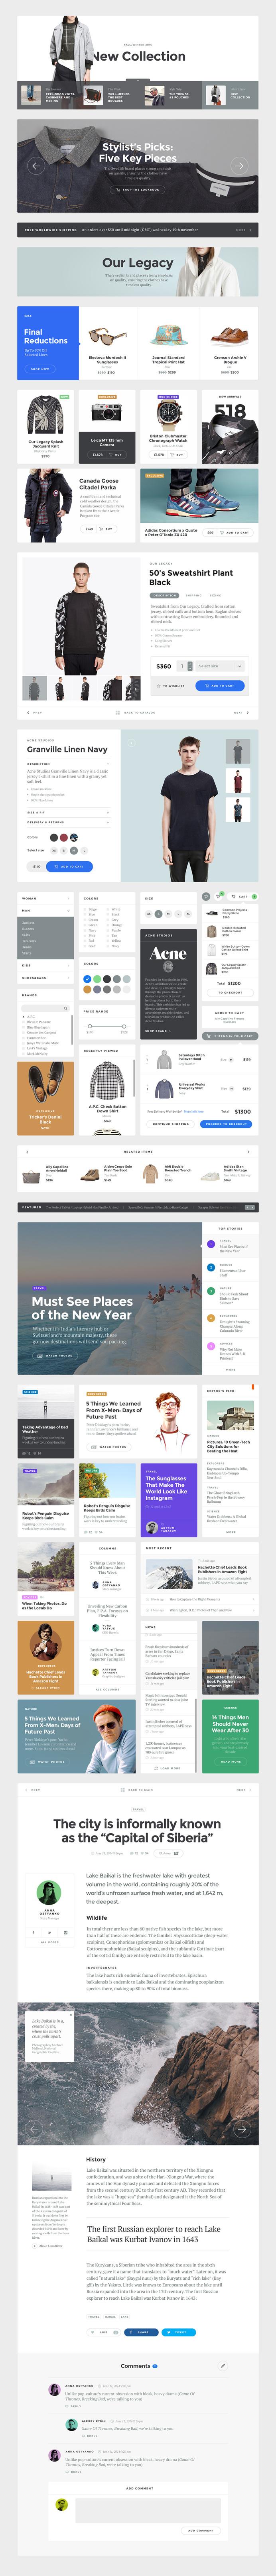 Baikal_preview_components #design #web #kit #ui